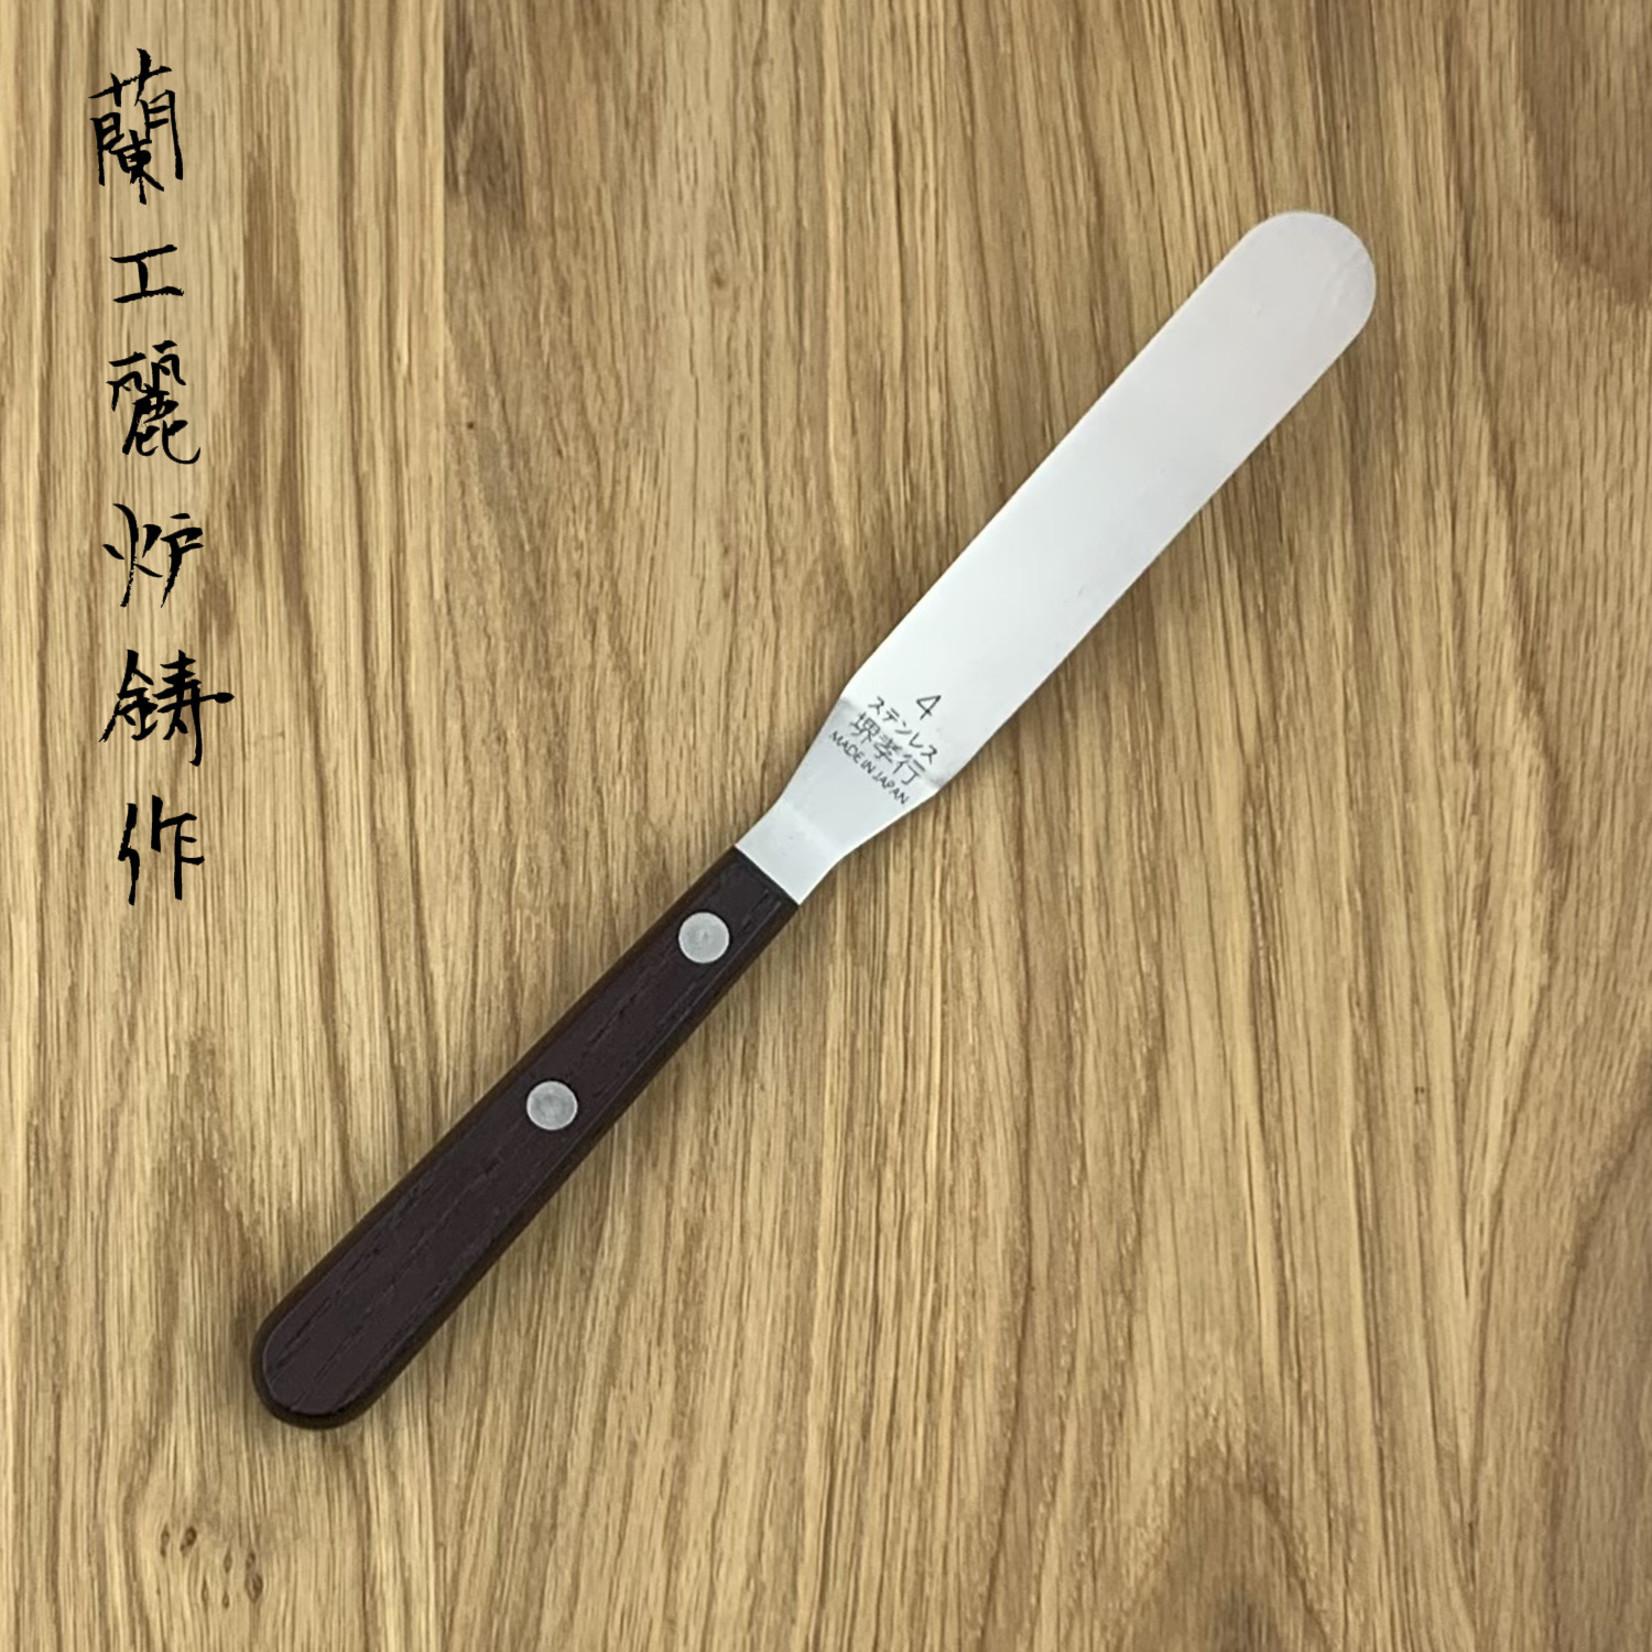 Takayuki Spatula wood 38199